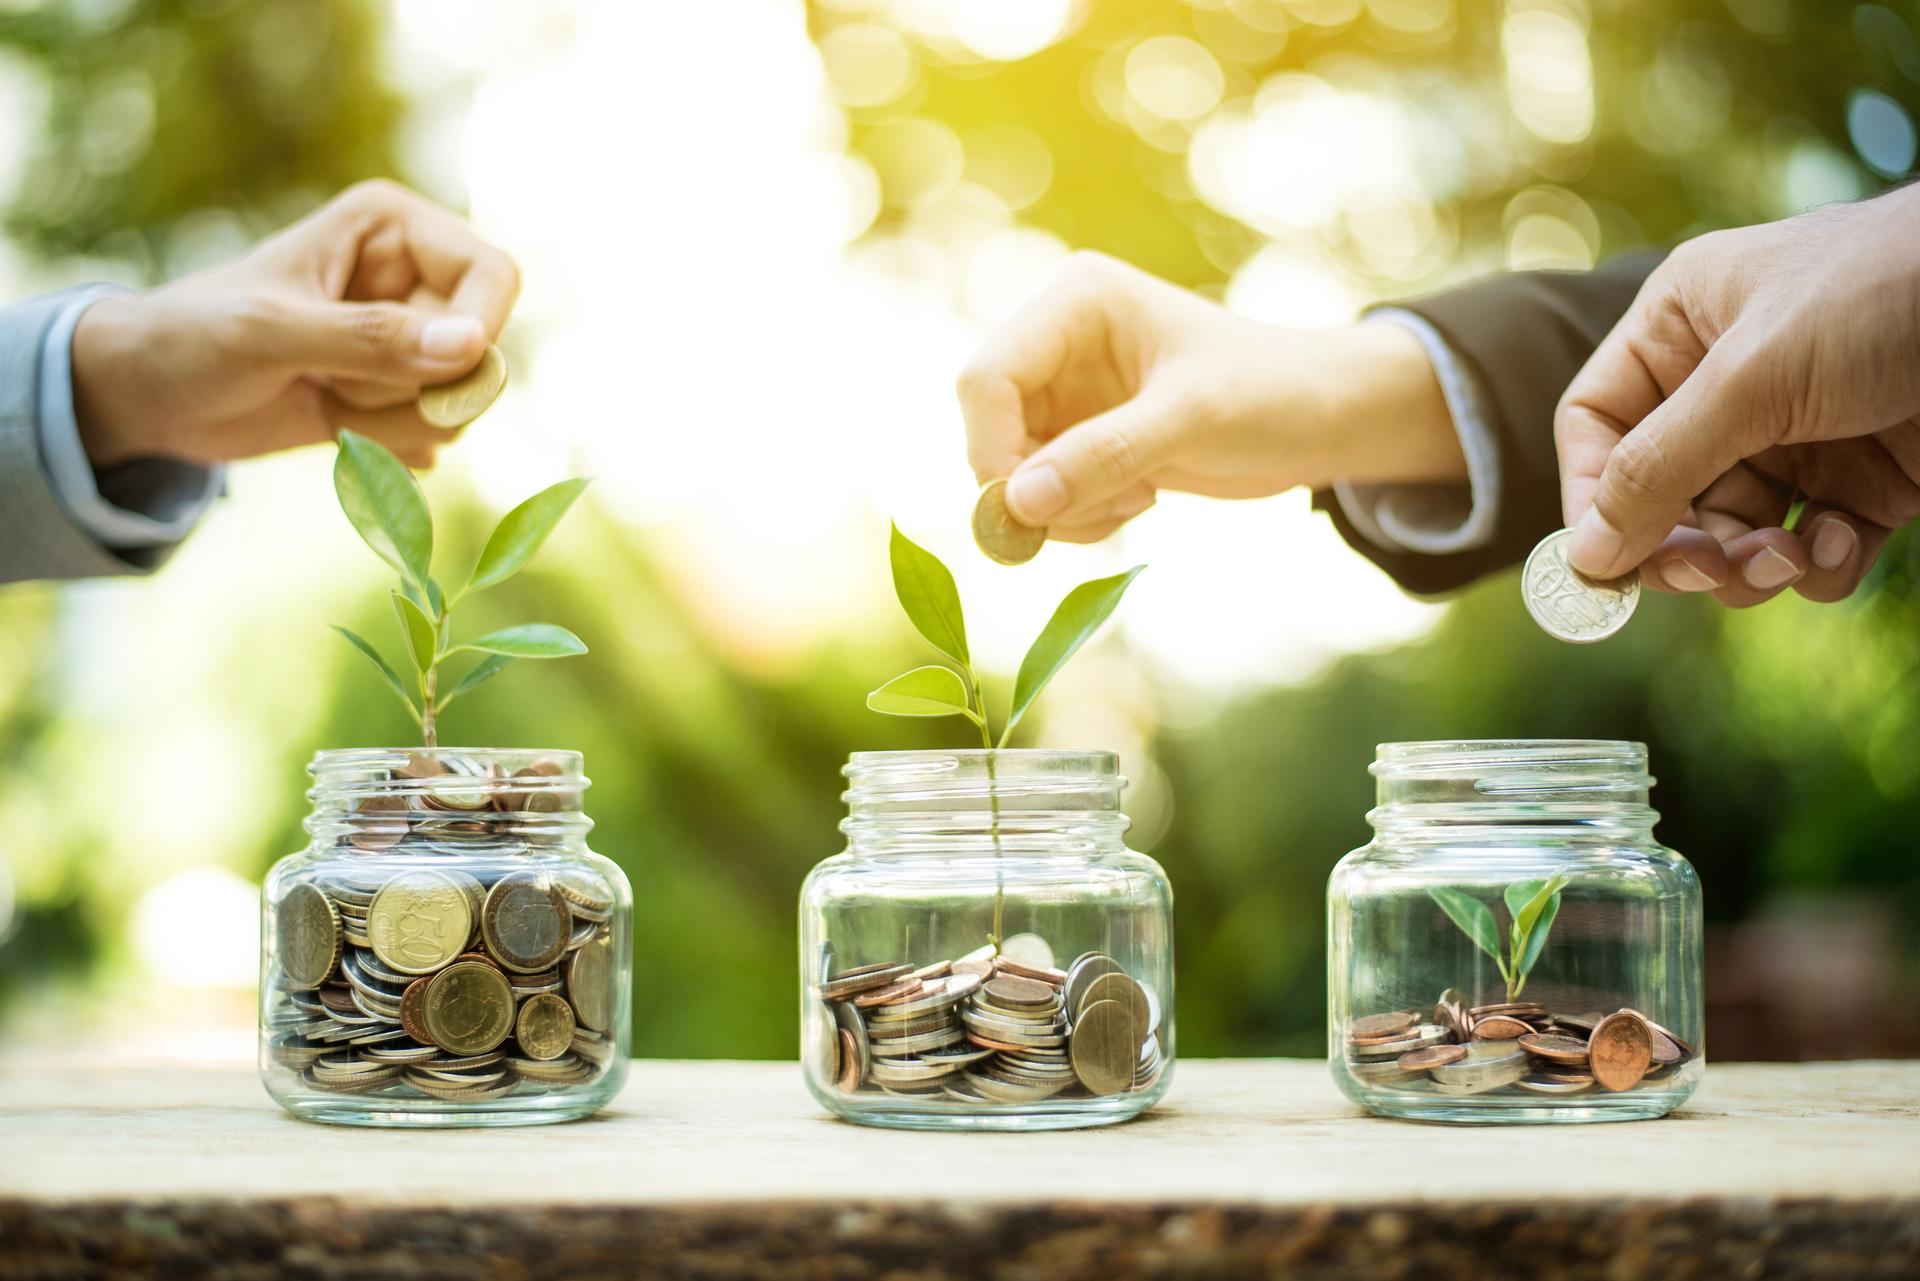 money in jars